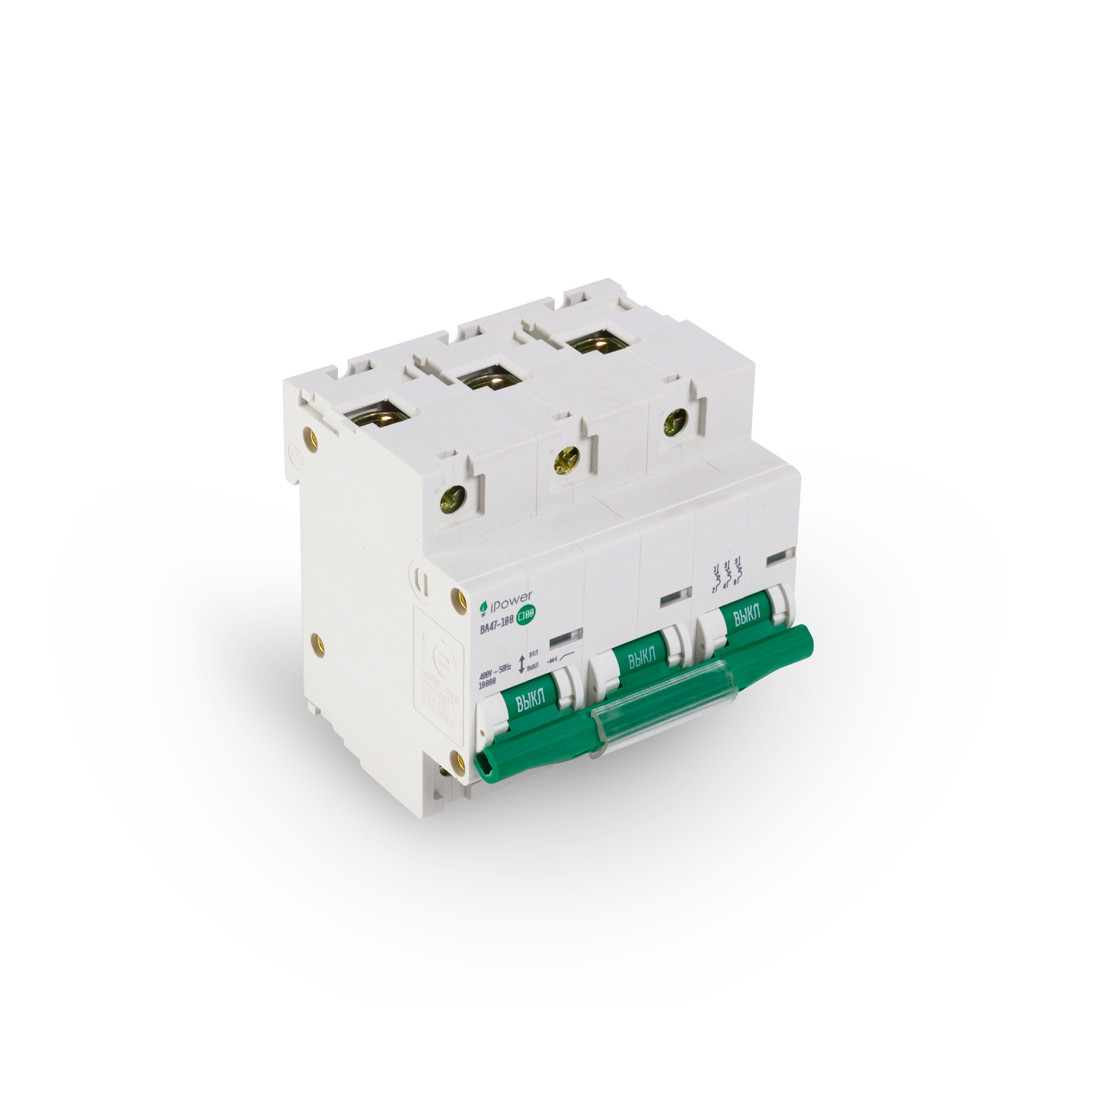 Автоматический выключатель реечный, iPower, ВА47-100 3Р 100А, тип С